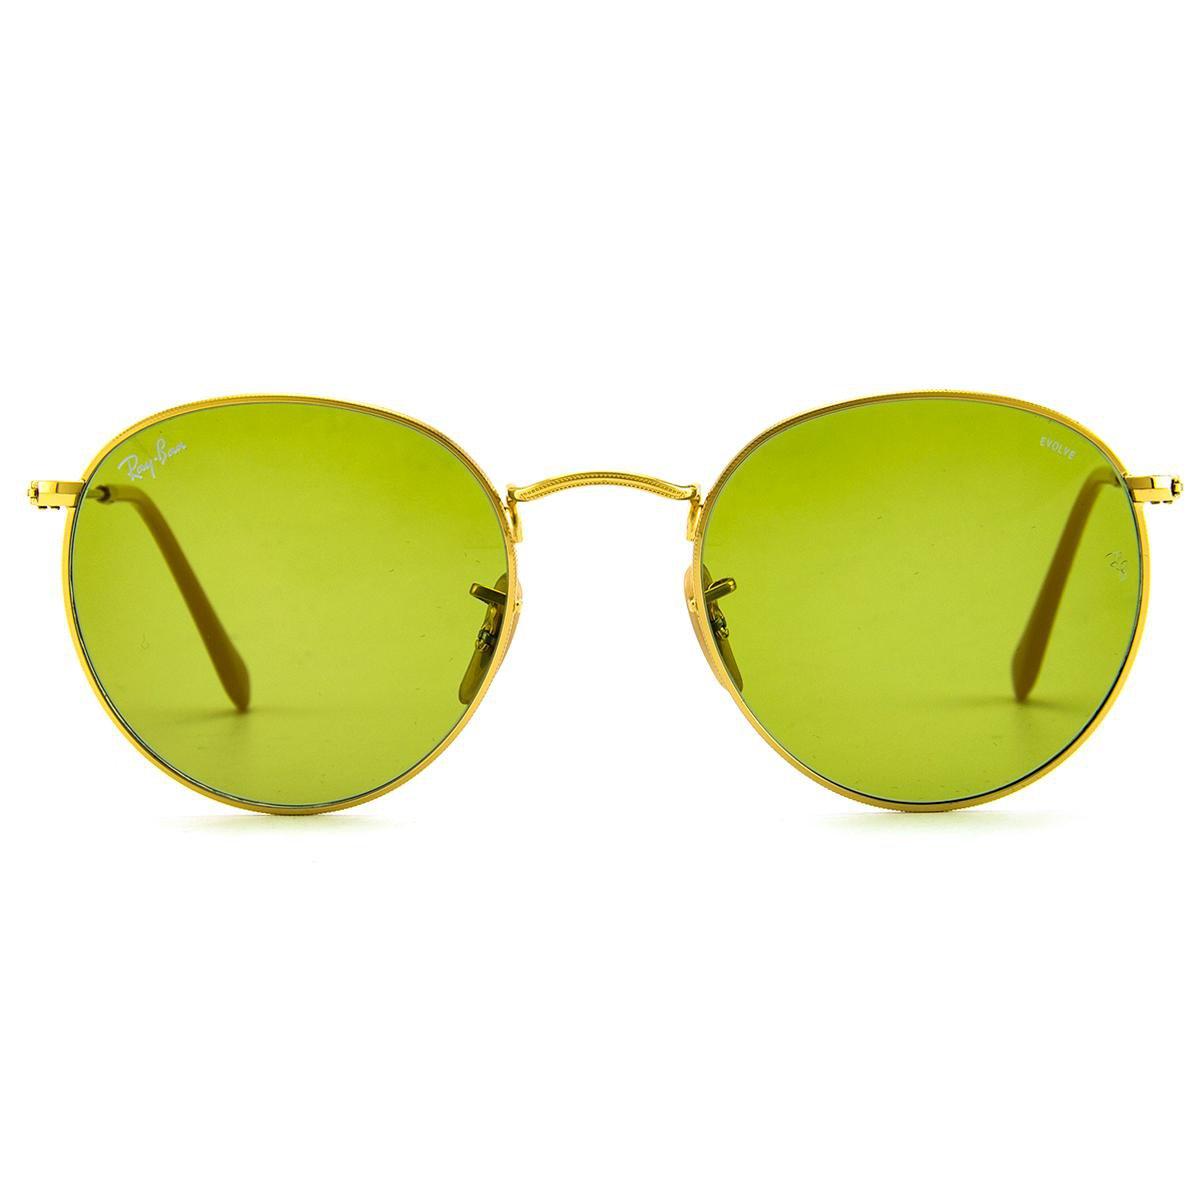 7e21f13c1 Óculos de Sol Ray-Ban Round RB3447 - 90644C/53 | Netshoes